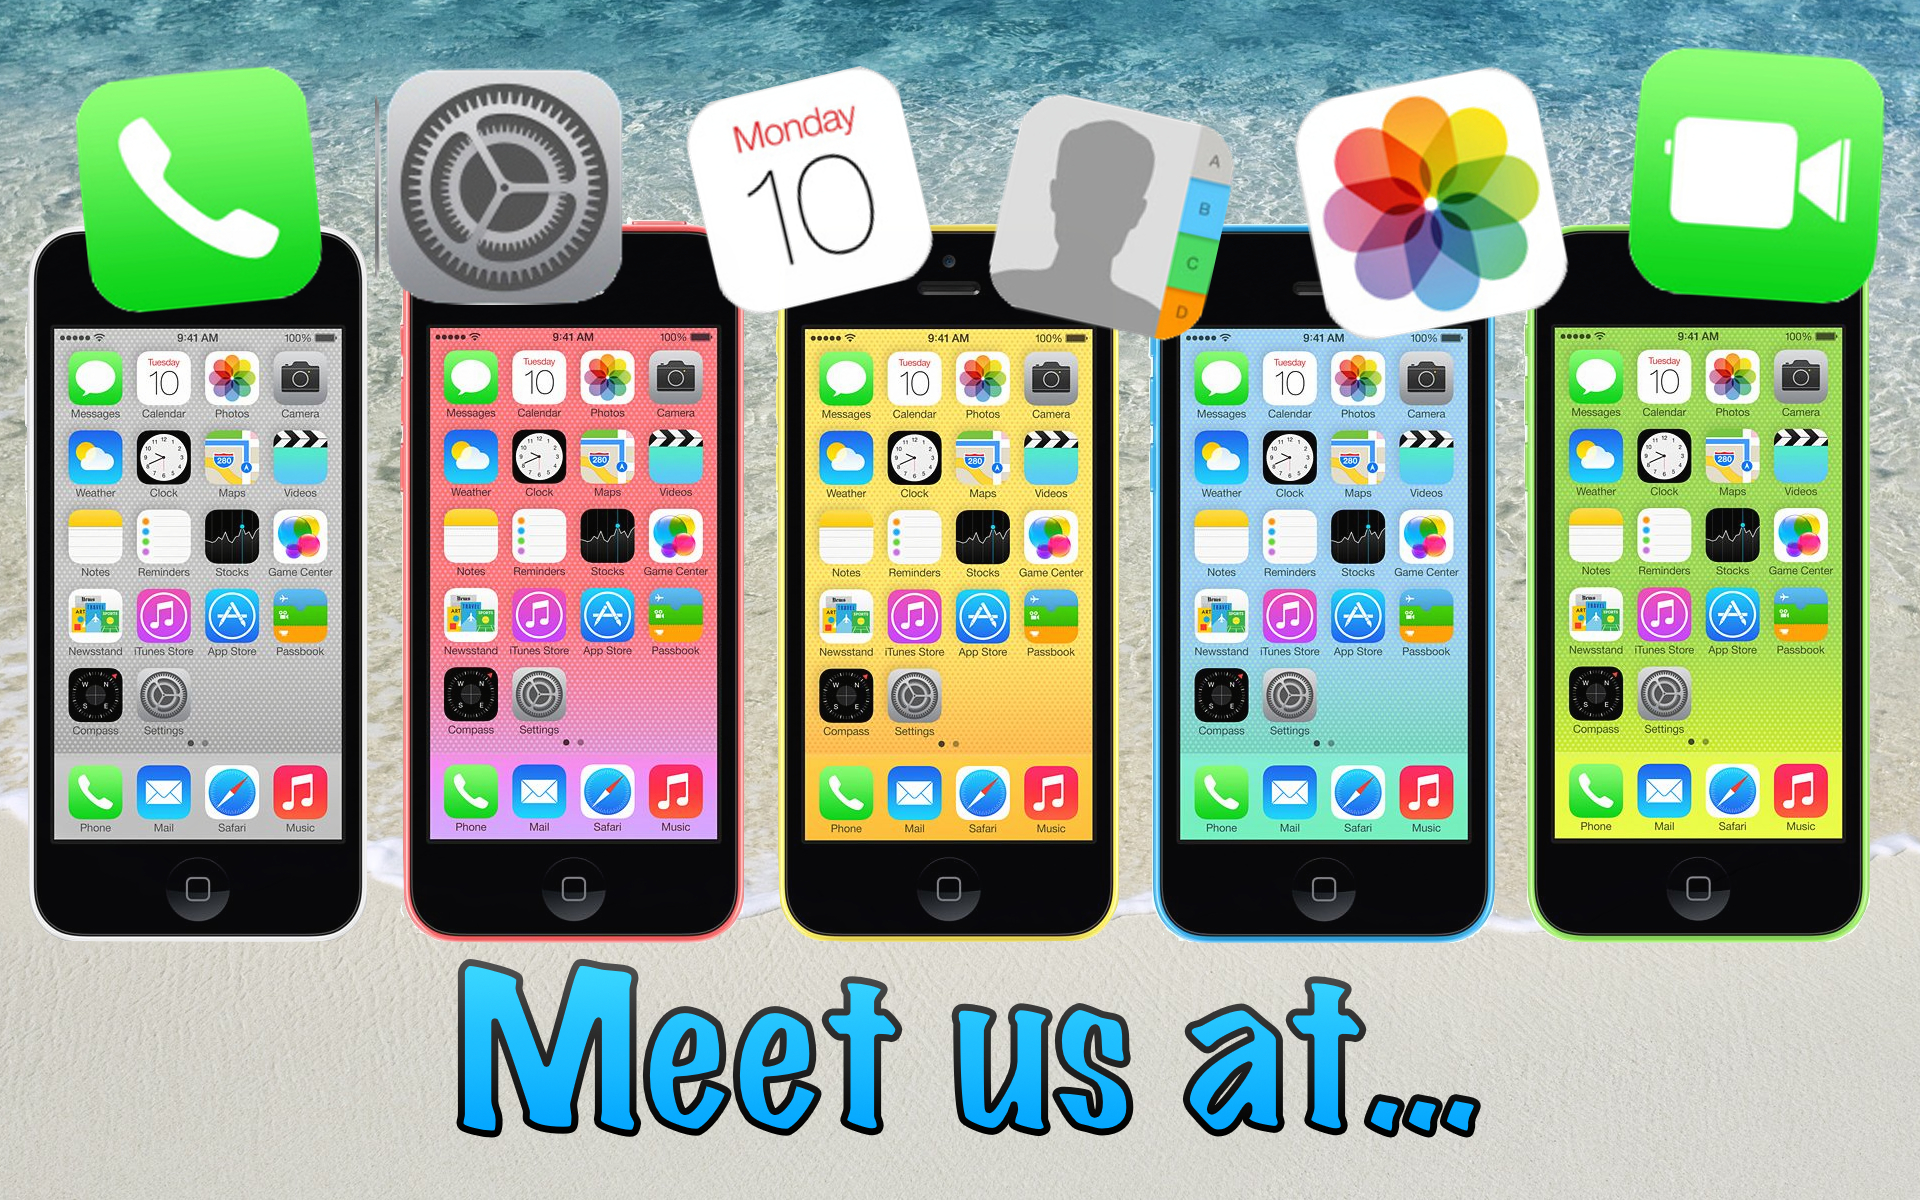 meet us at